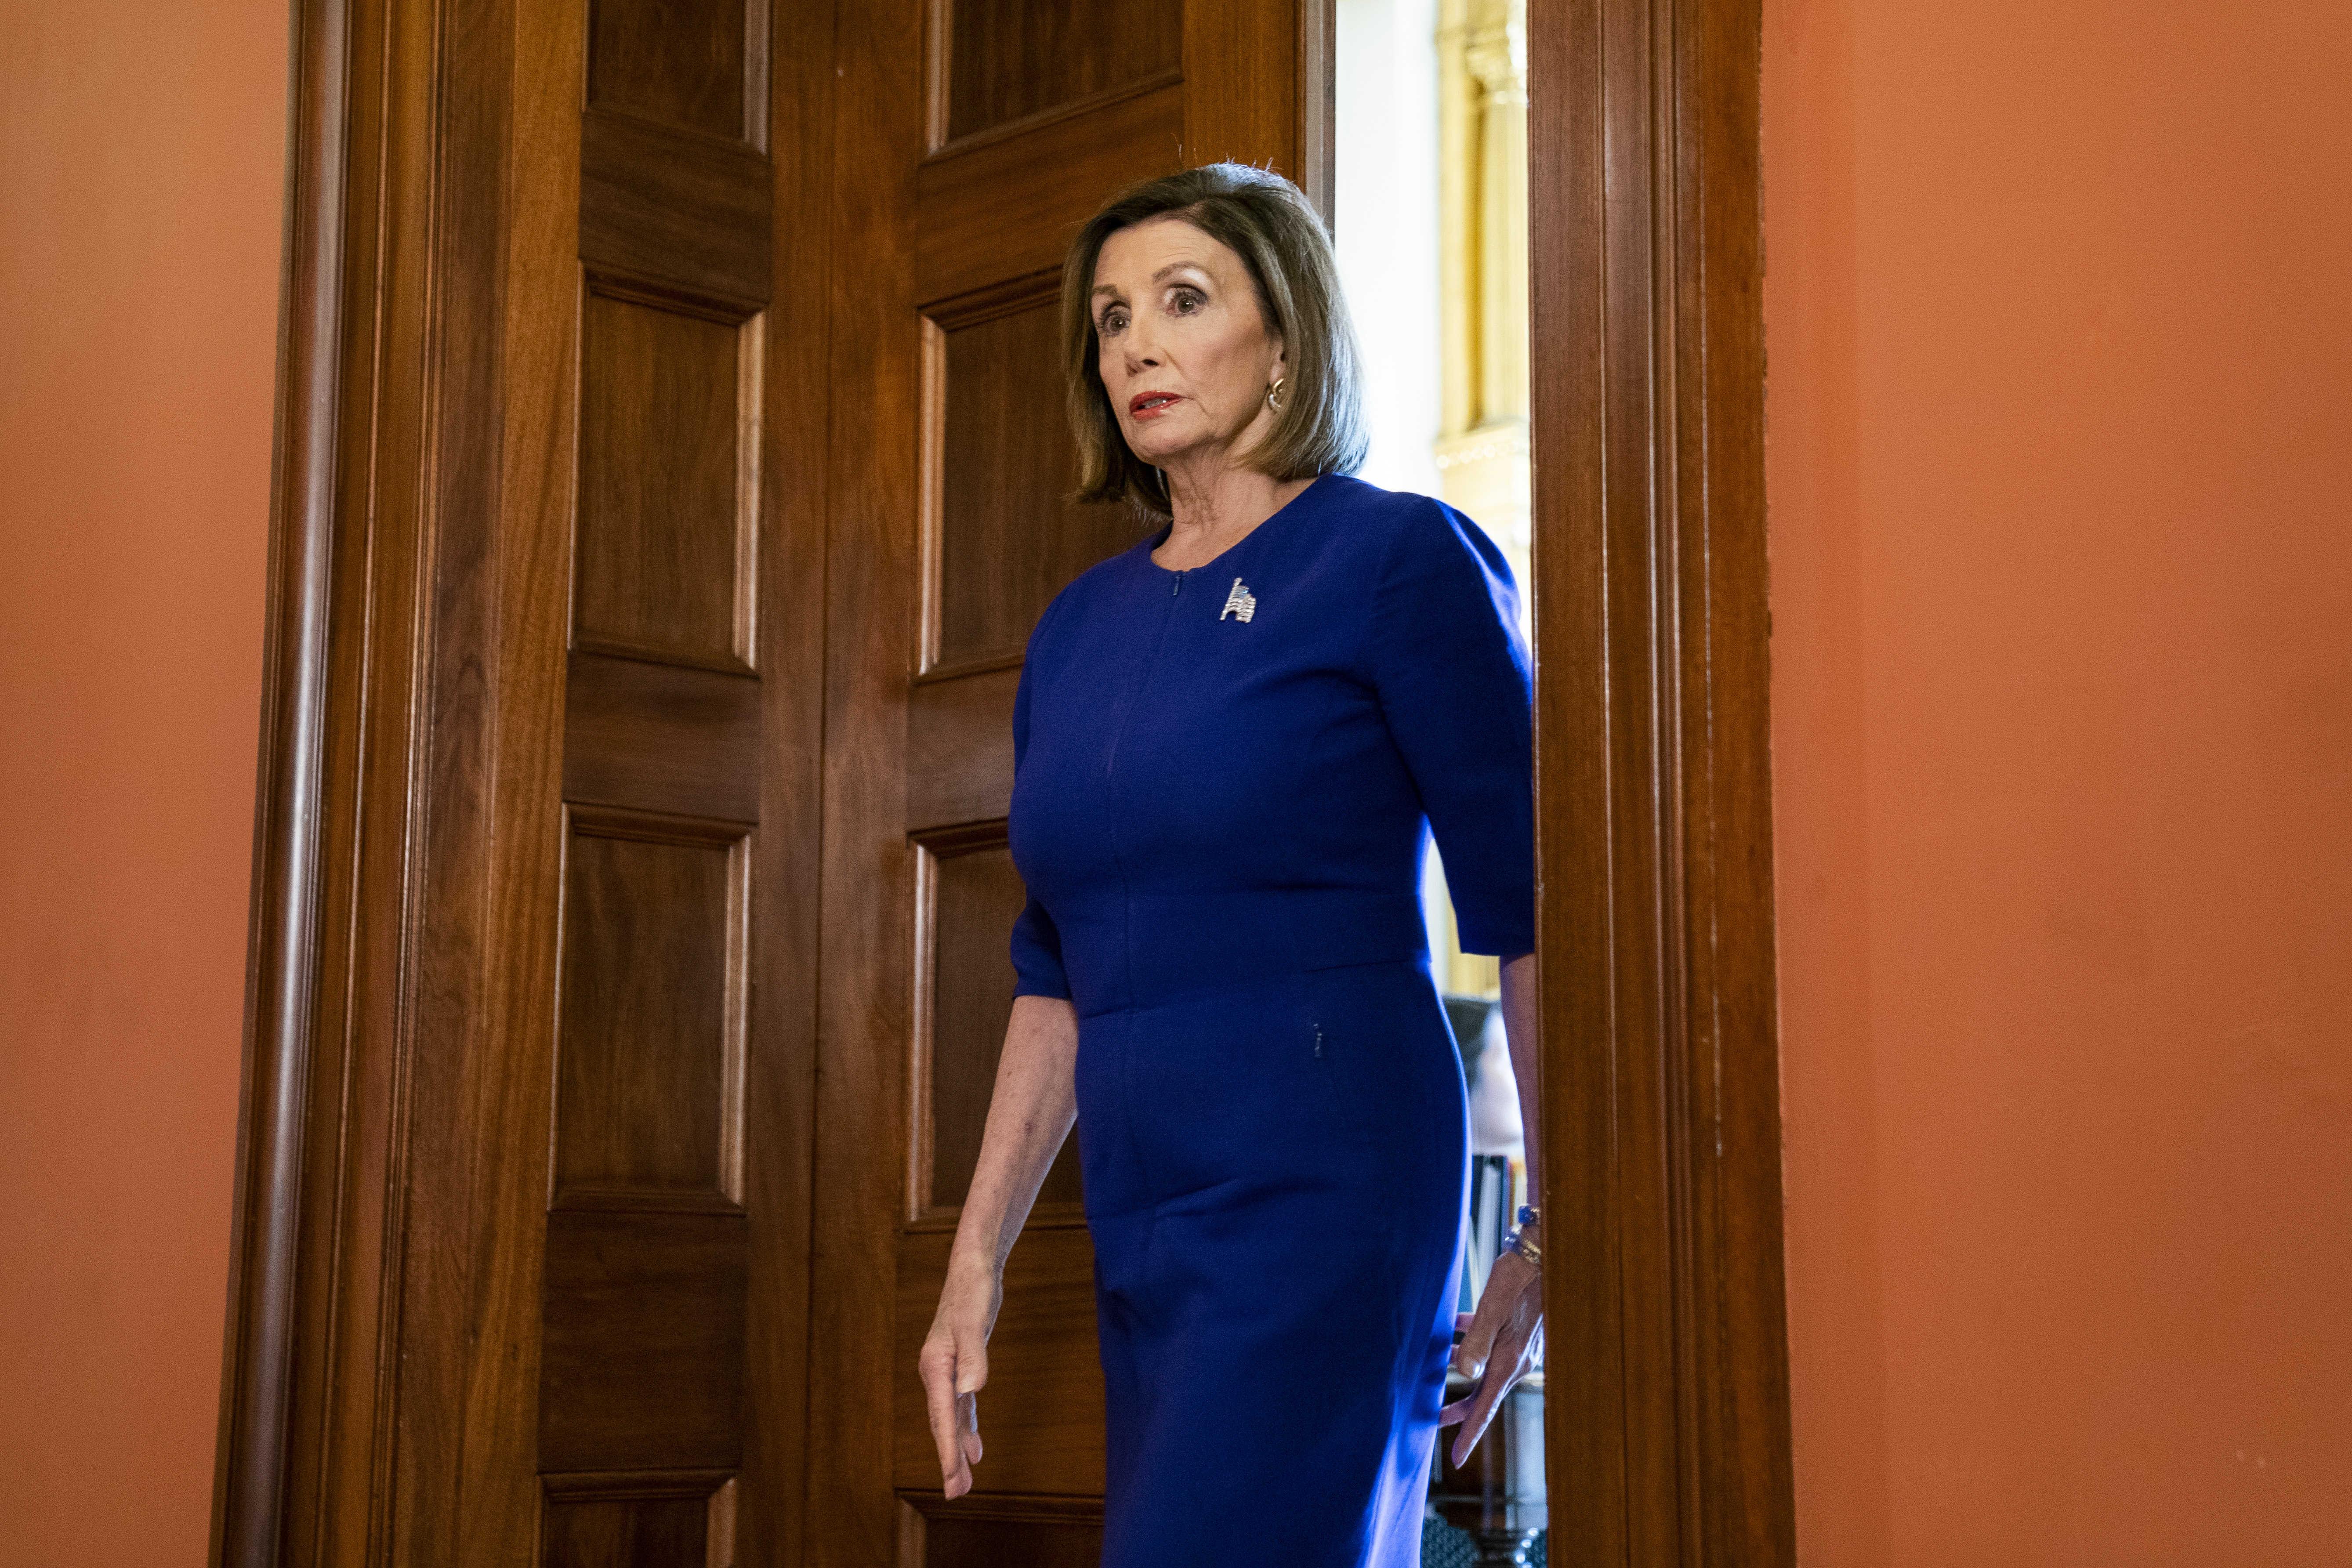 impeachment - Pelosi - trappola - Trump - boomerang